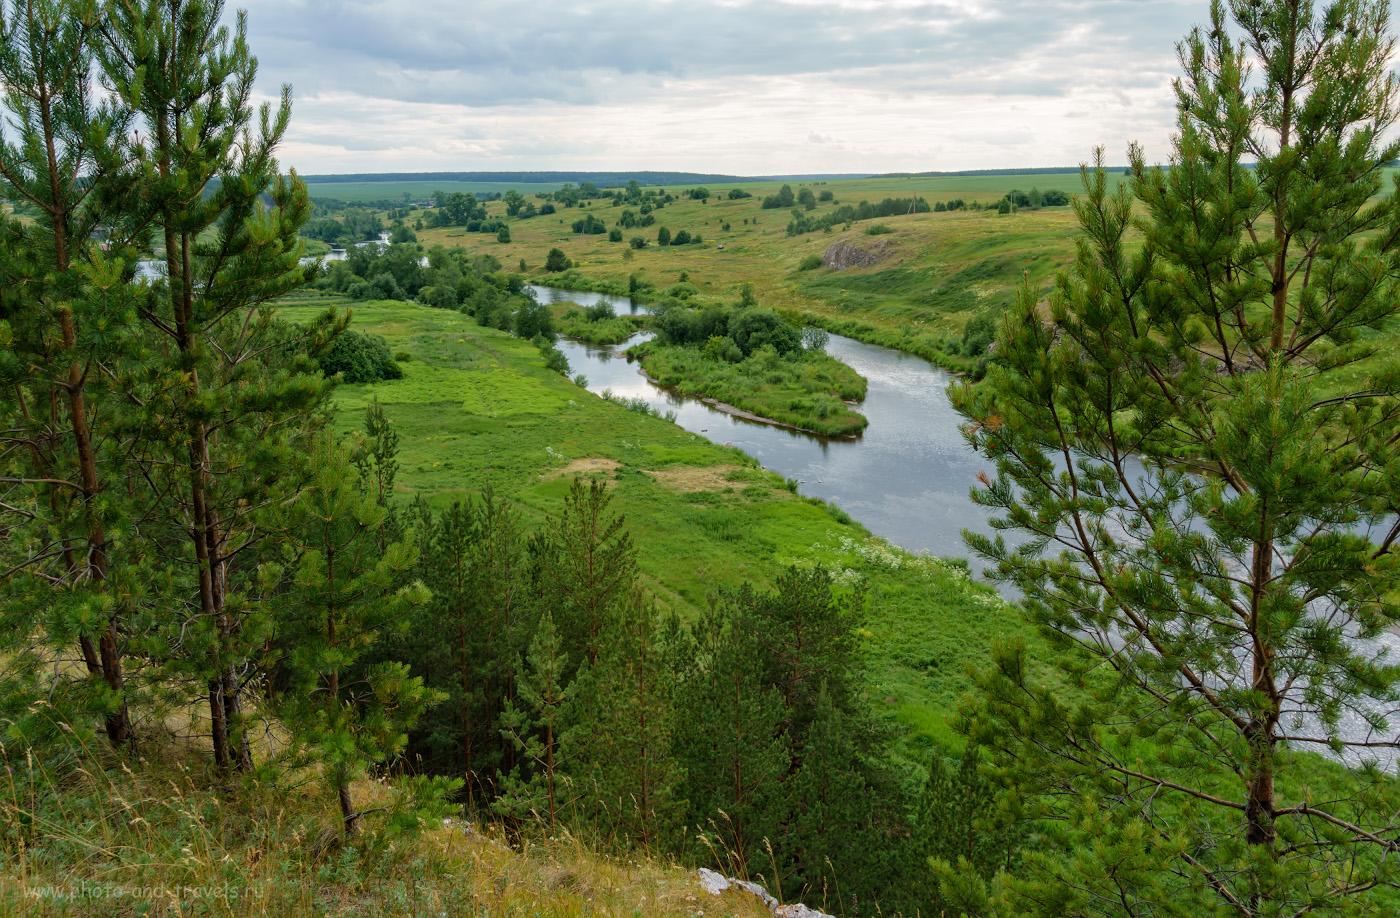 9. Виды на реку Реж со скалы Тигриная голова вверх по течению. Вдали – деревня Липино. 1/100, 9.0, -1, 16.